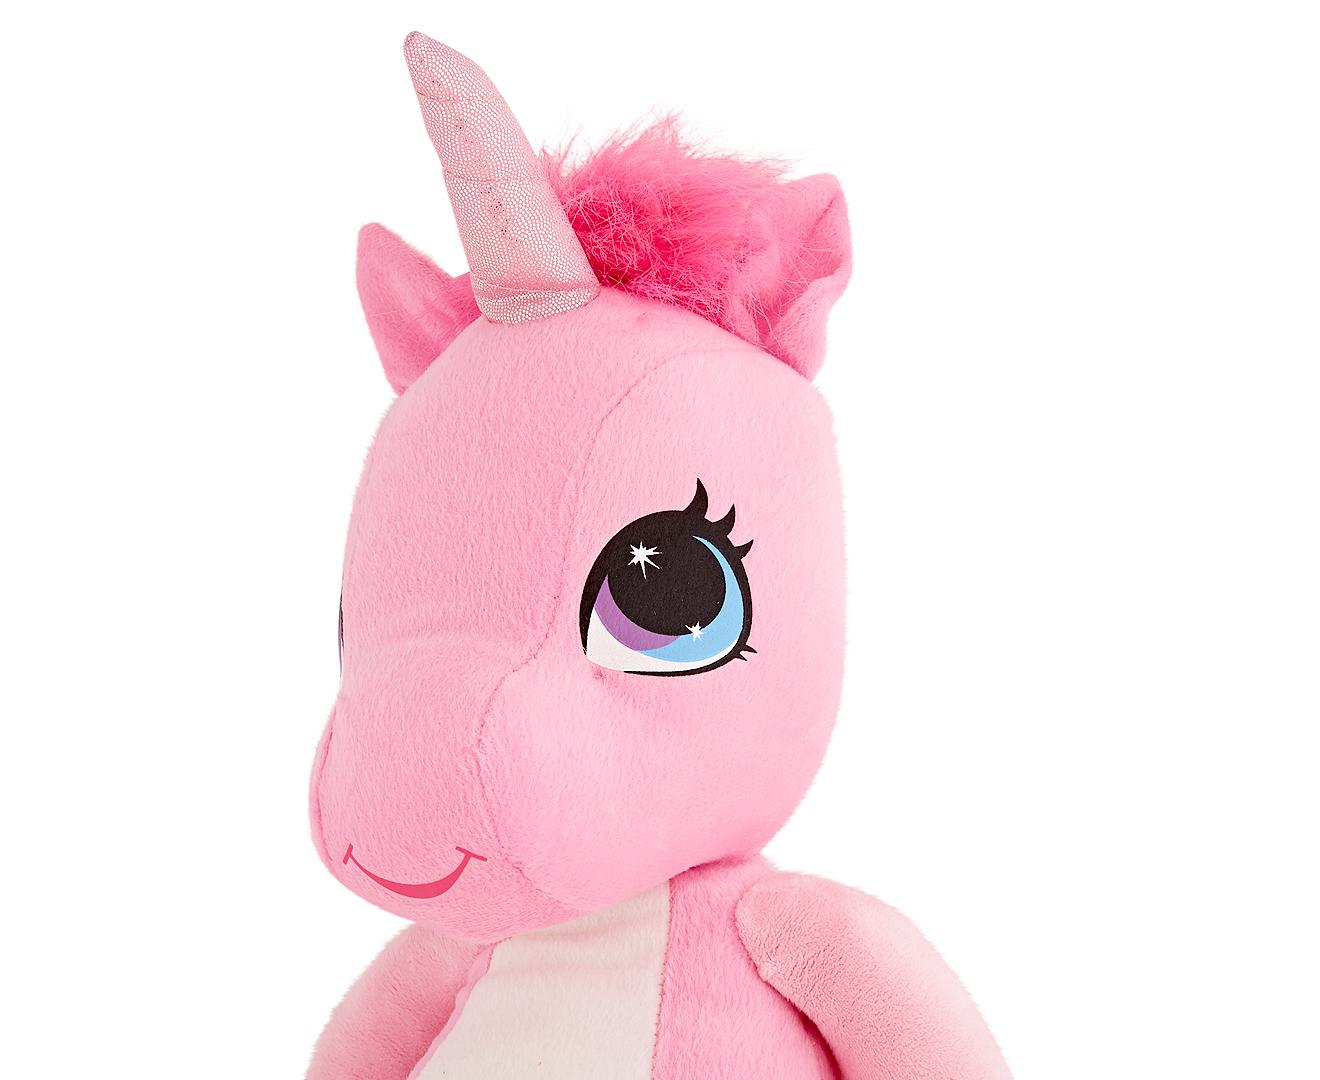 Go Amp Glo Stretchkins Sparkly Unicorn Toy Scoopon Shopping